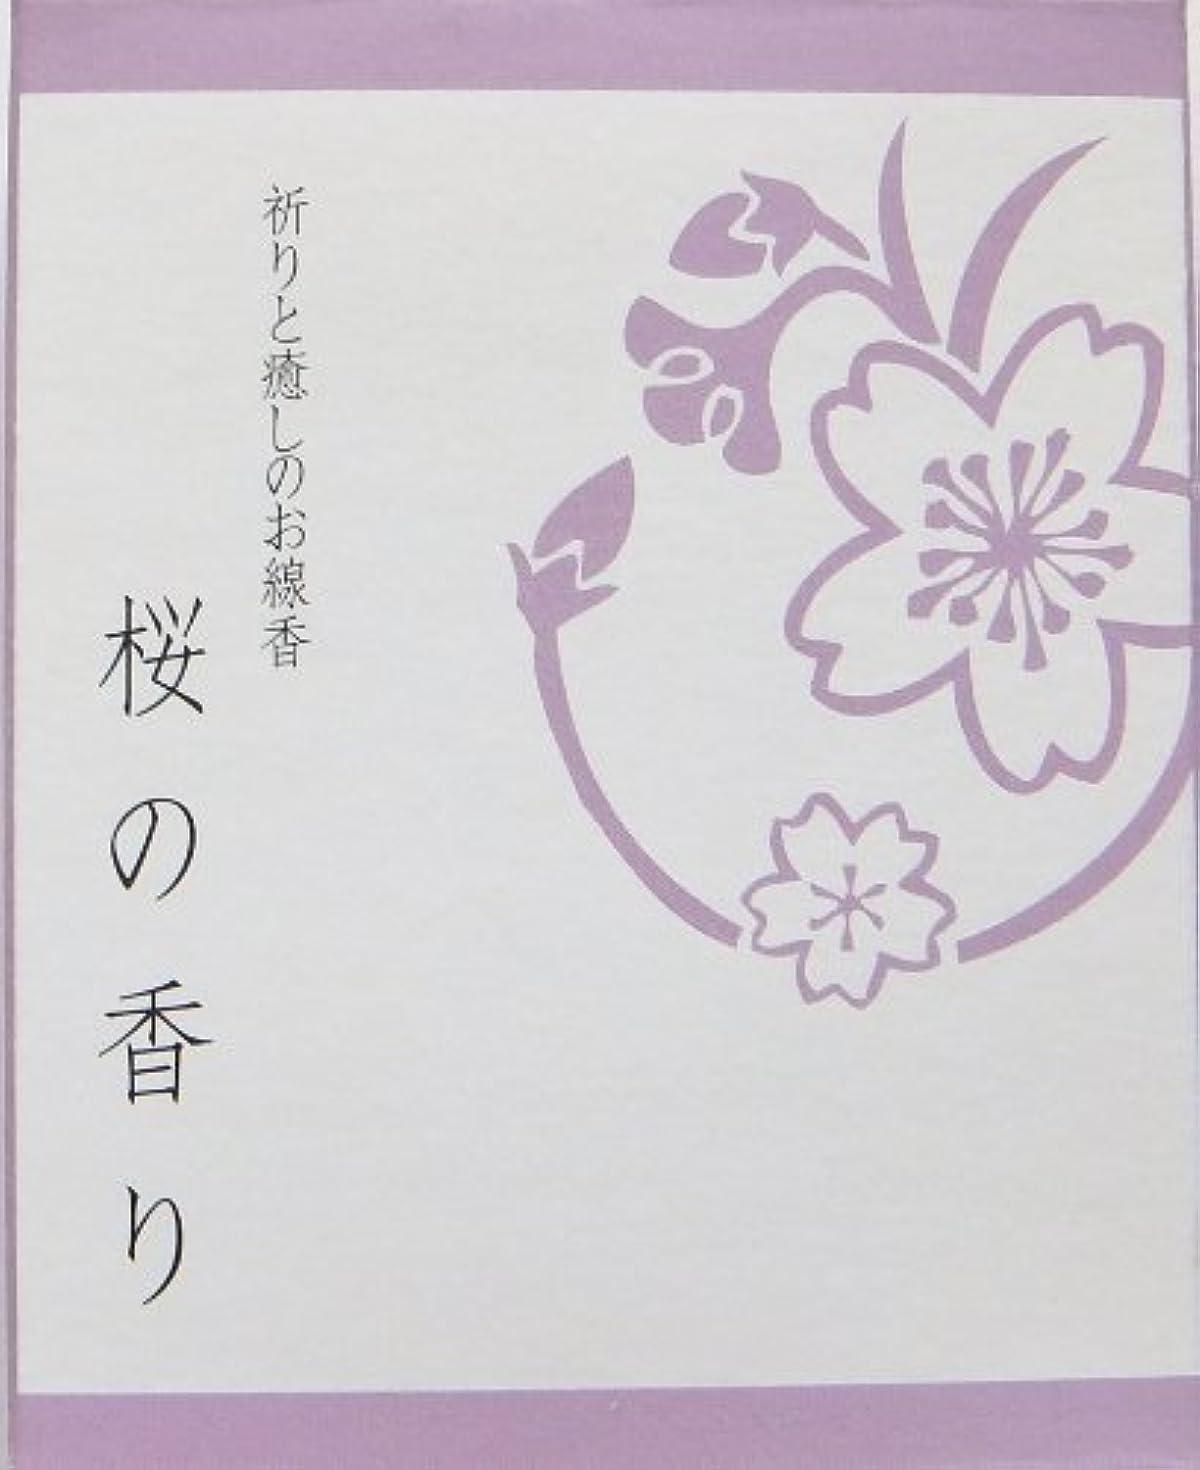 ビルダースケッチ拡大する祈りと癒しのお線香ミニ 桜